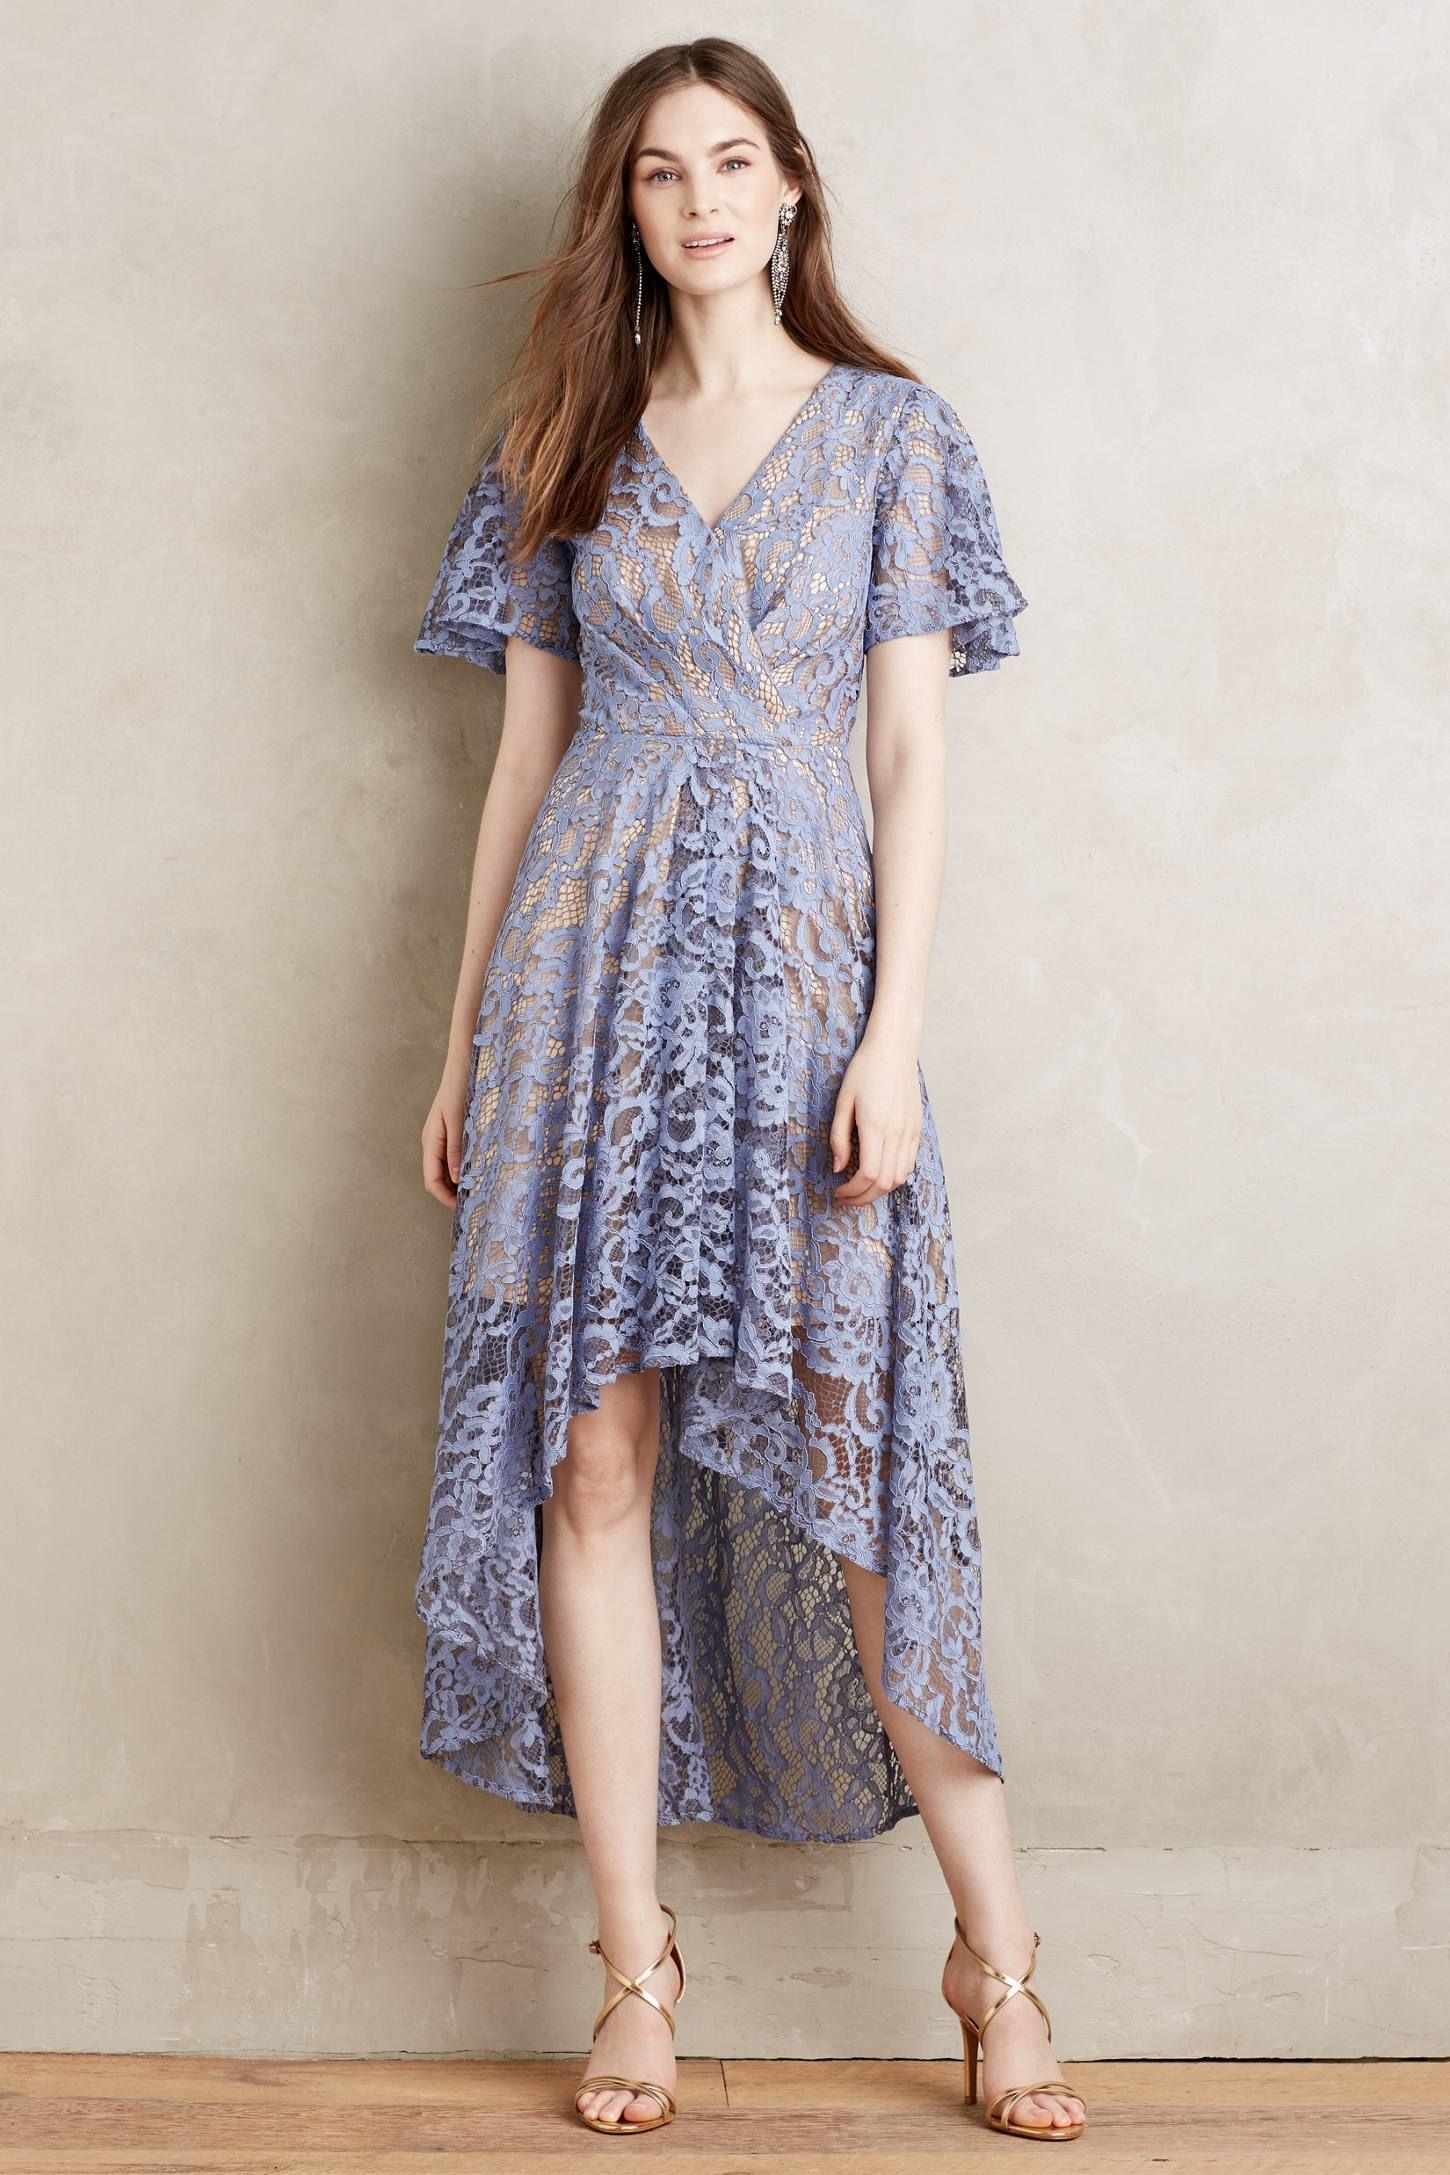 8ff81b6110cd0 Genevieve Size: 4 Description: Moulinetter Soeurs Lavender Anthropologie  Lace Dress